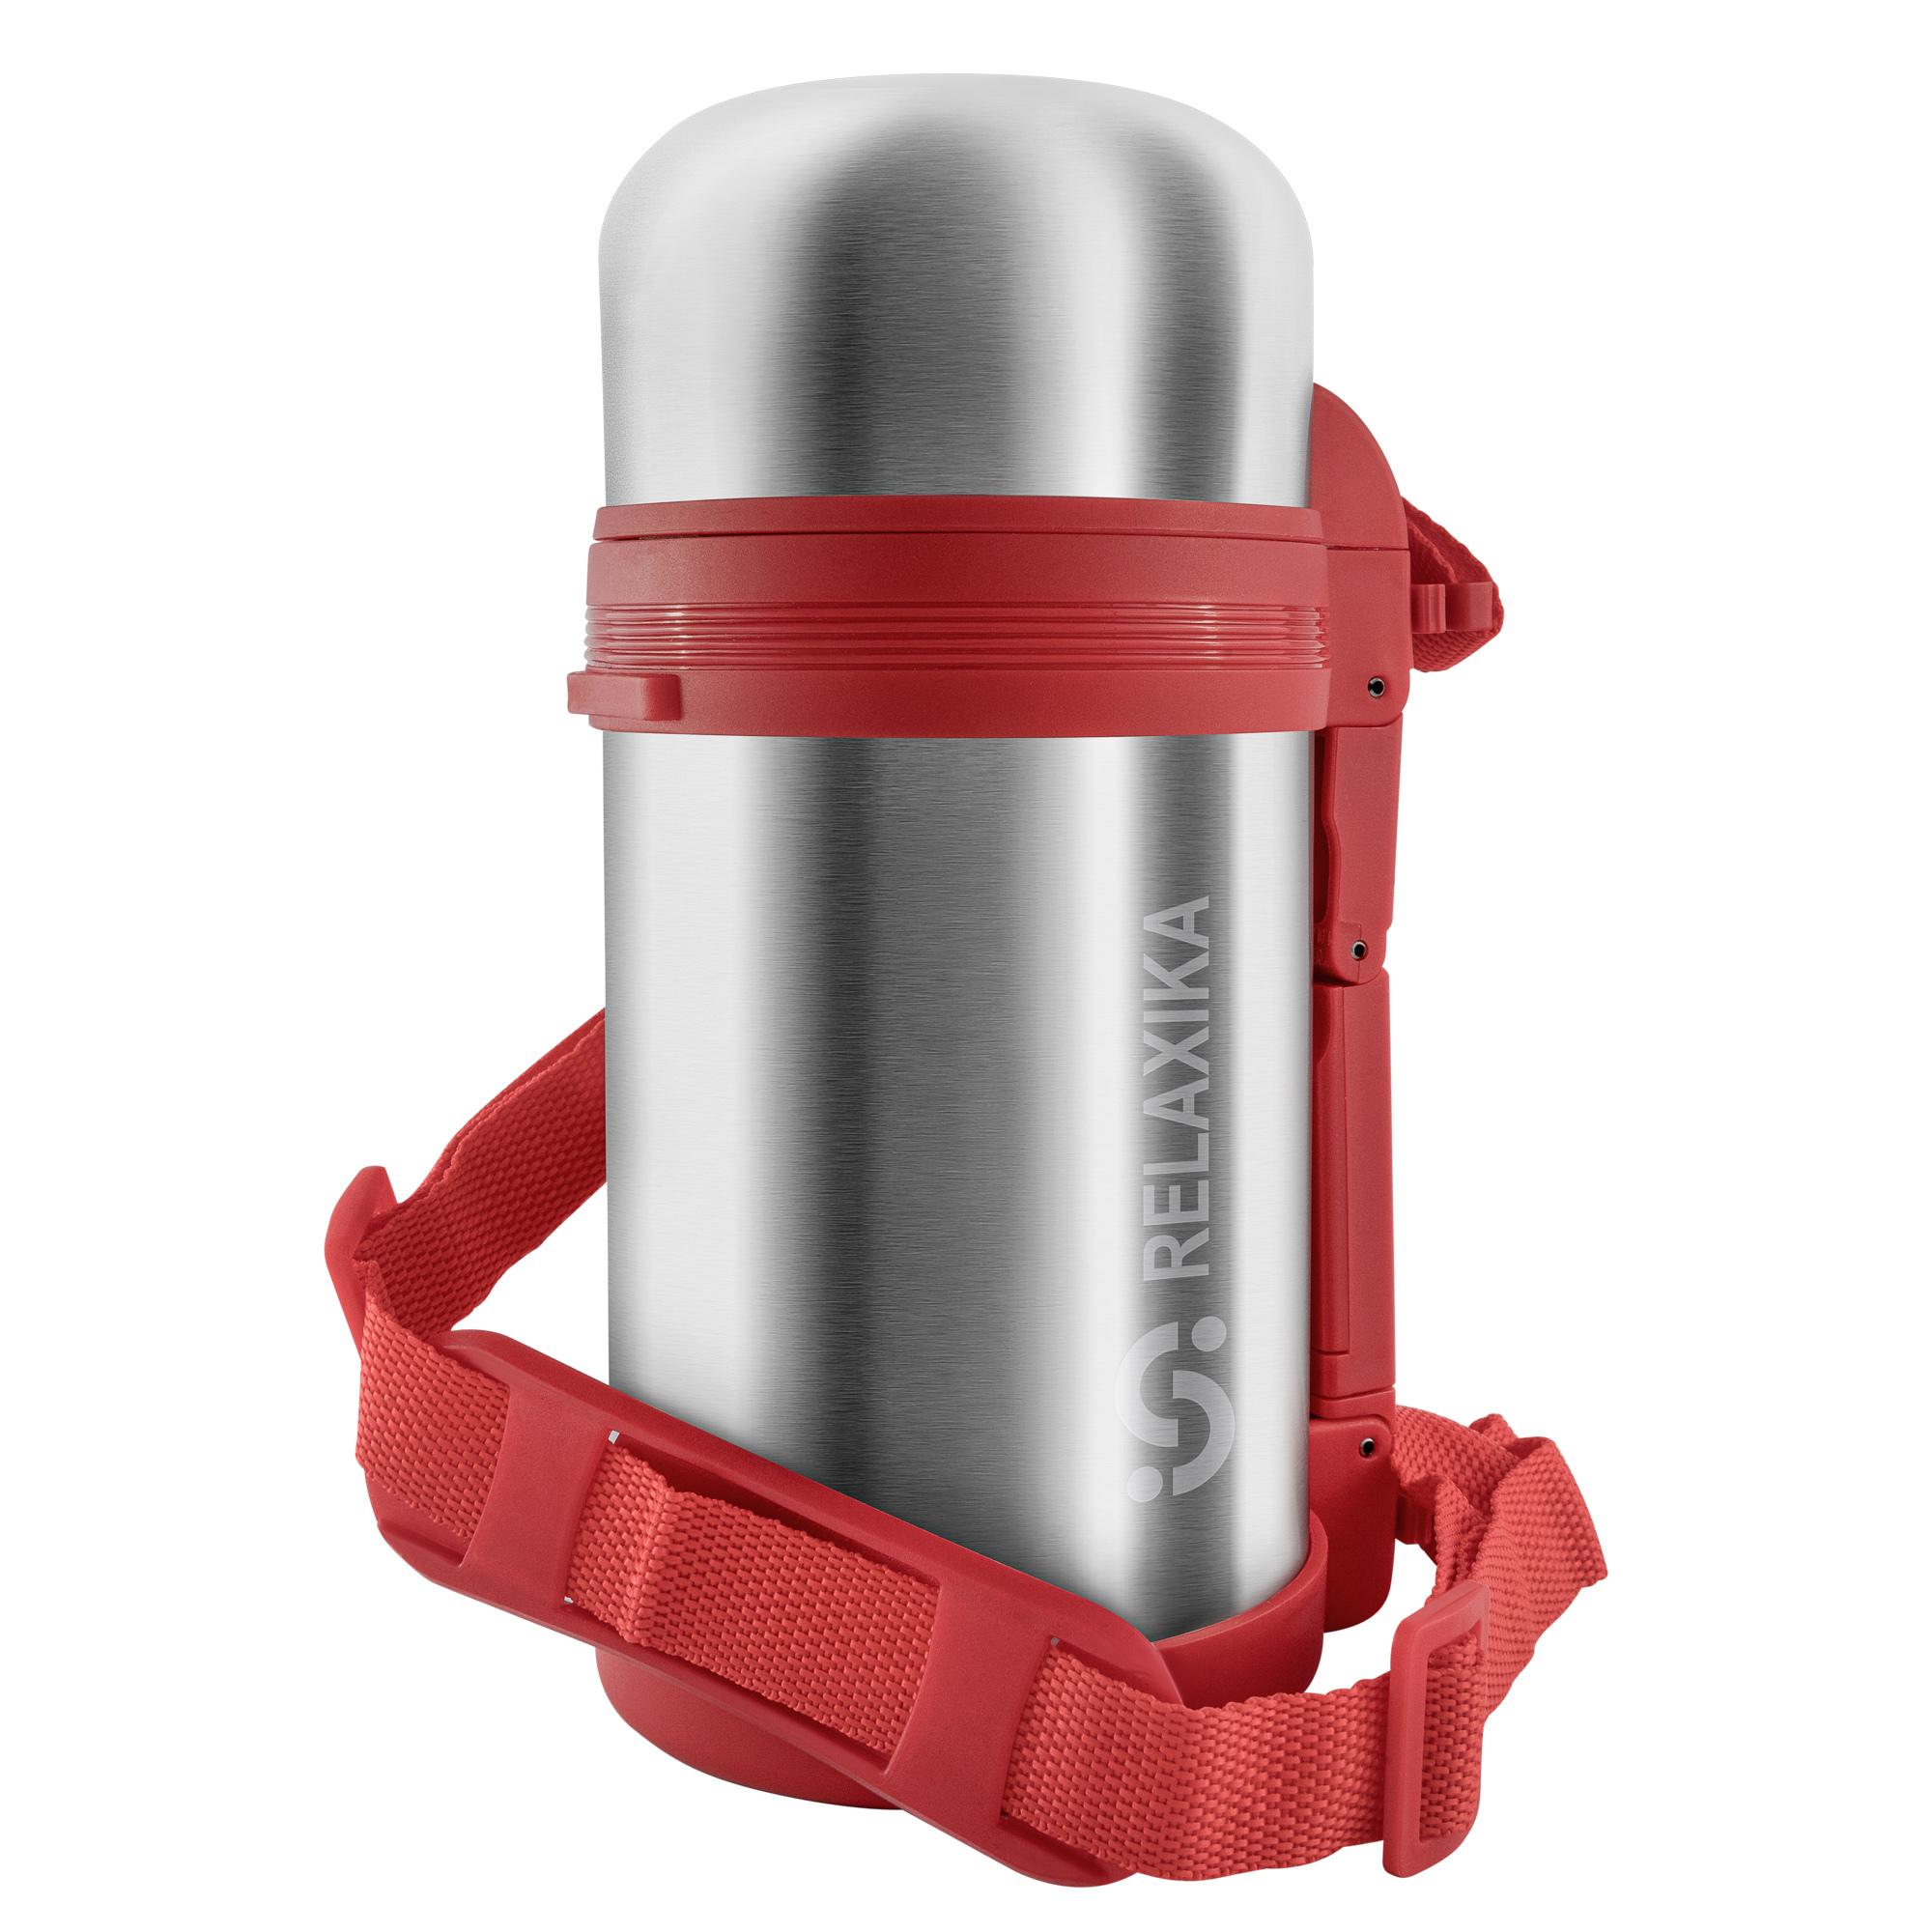 Термос универсальный (для еды и напитков) Relaxika 201 (1 литр), стальной